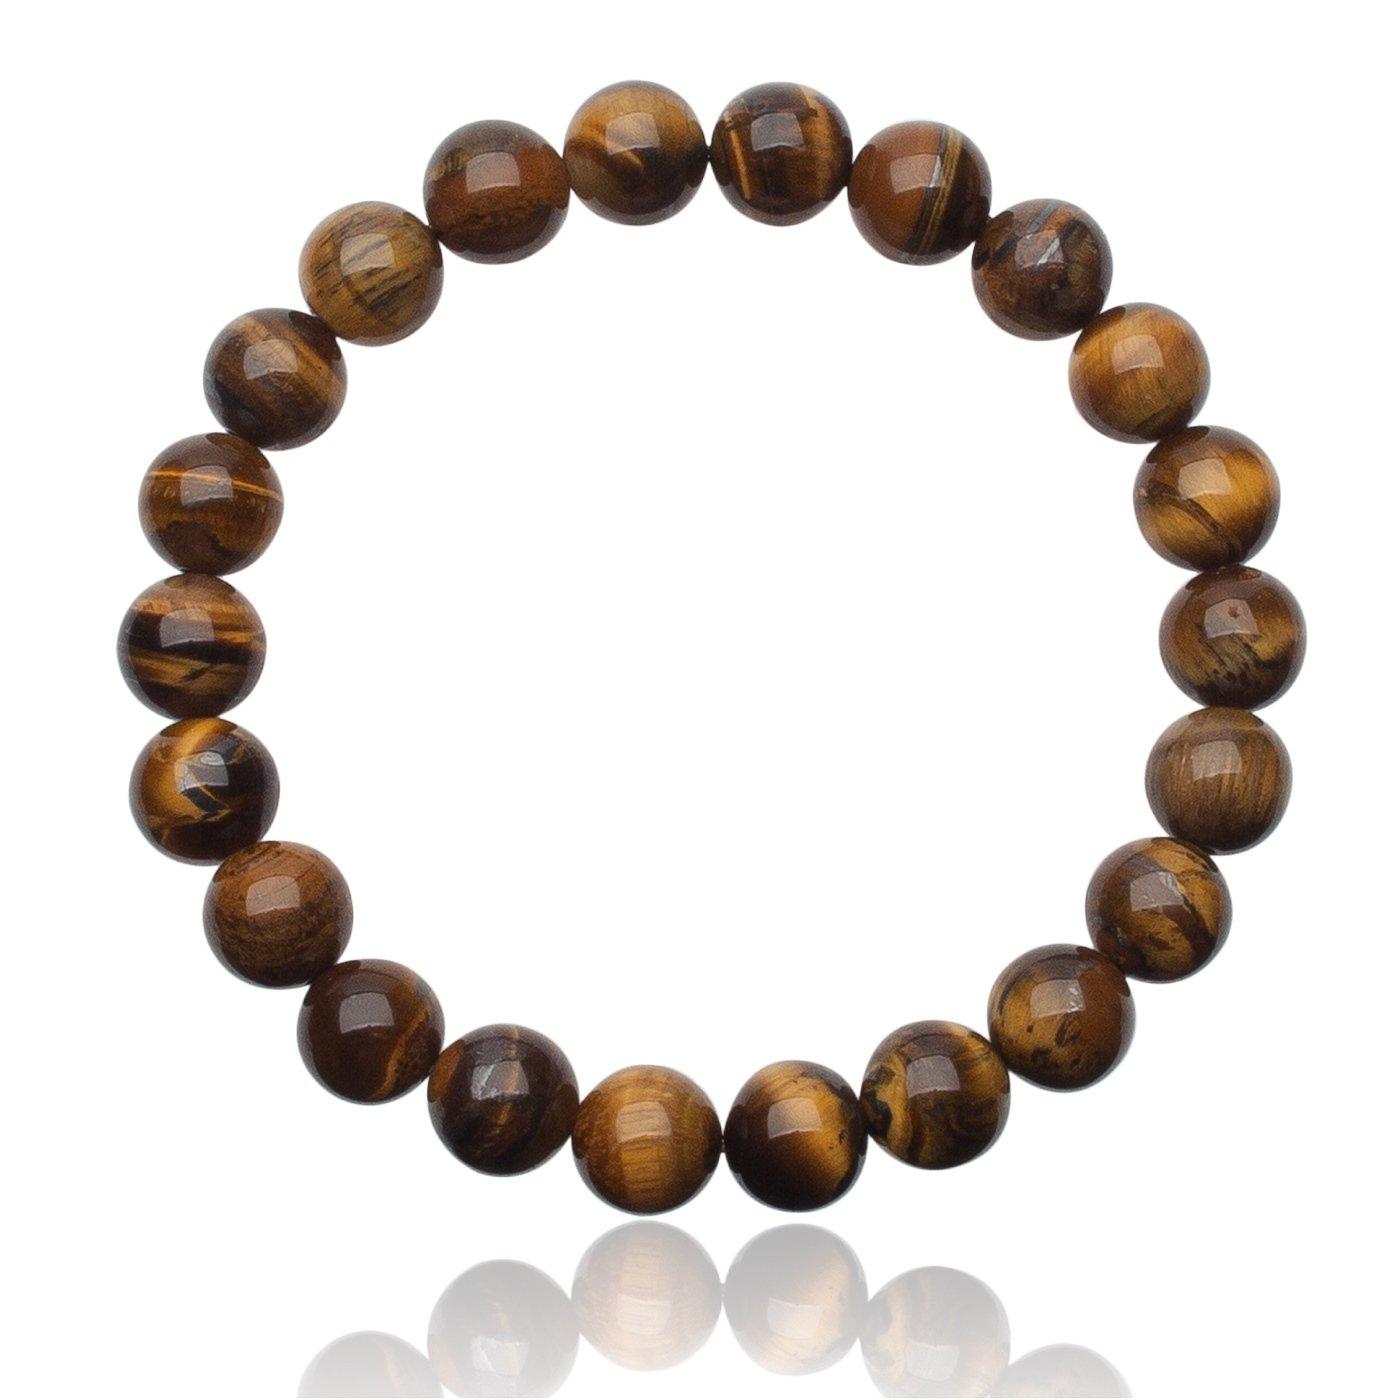 Unique bracelet Perles /Œil de tigre 8mm Grade AAA extensible one size fits all 16cm /à 20cm